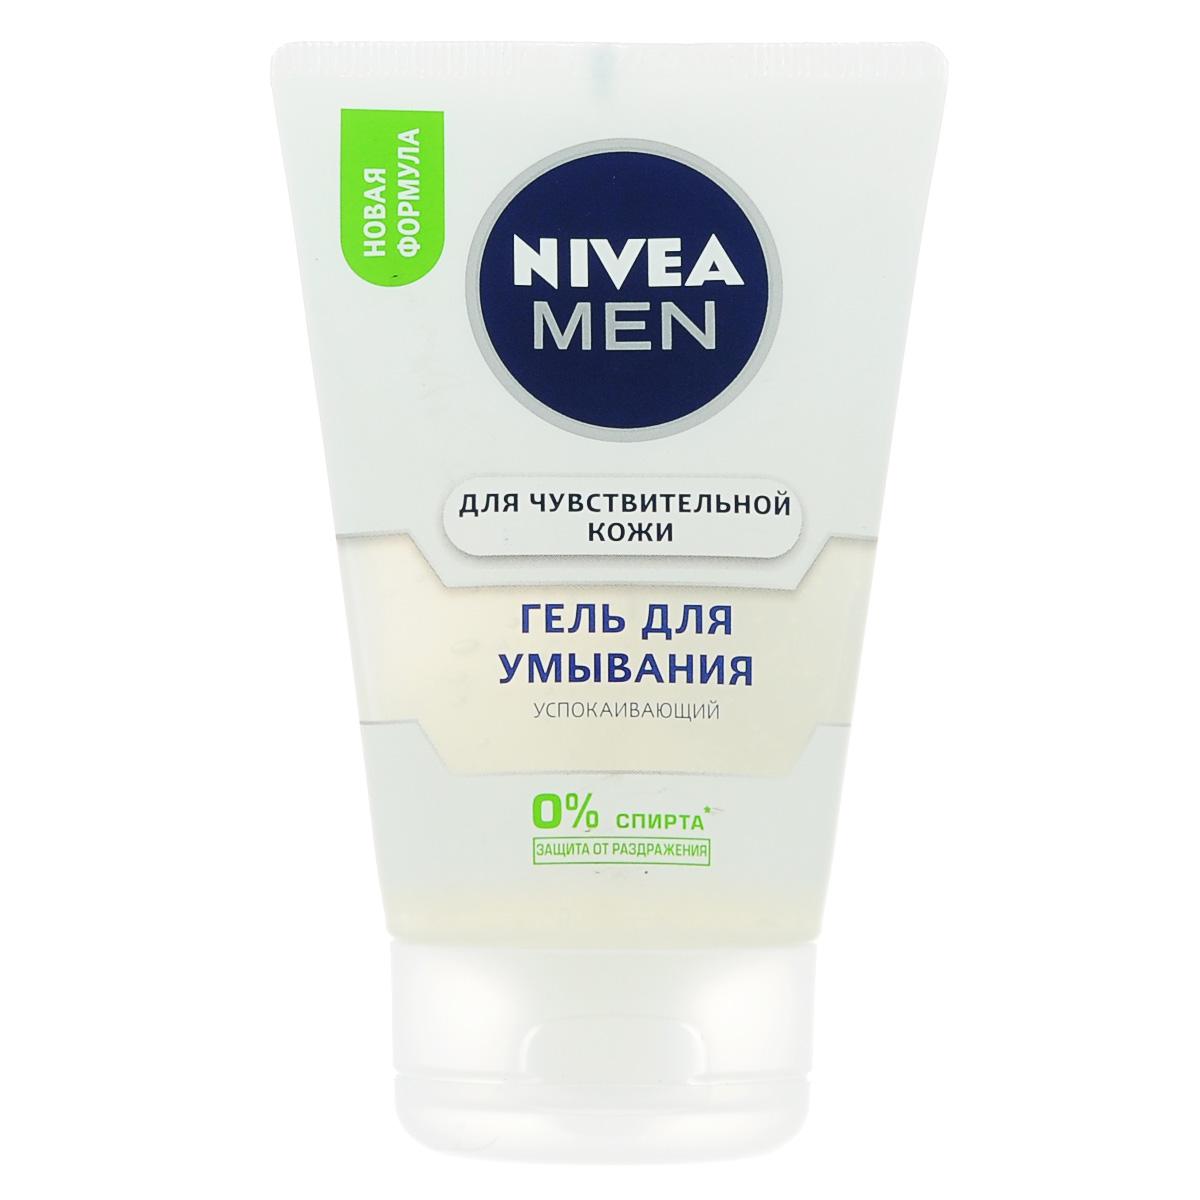 NIVEA MEN Гель для умывания для чувствительной кожи, 100 мл100460042Гель для умывания Nivea for Men бережно очищает кожу не сушит и не стягивает. Кожа выглядит здоровой и ухоженной. Ощущение комфорта и увлажненности надолго.